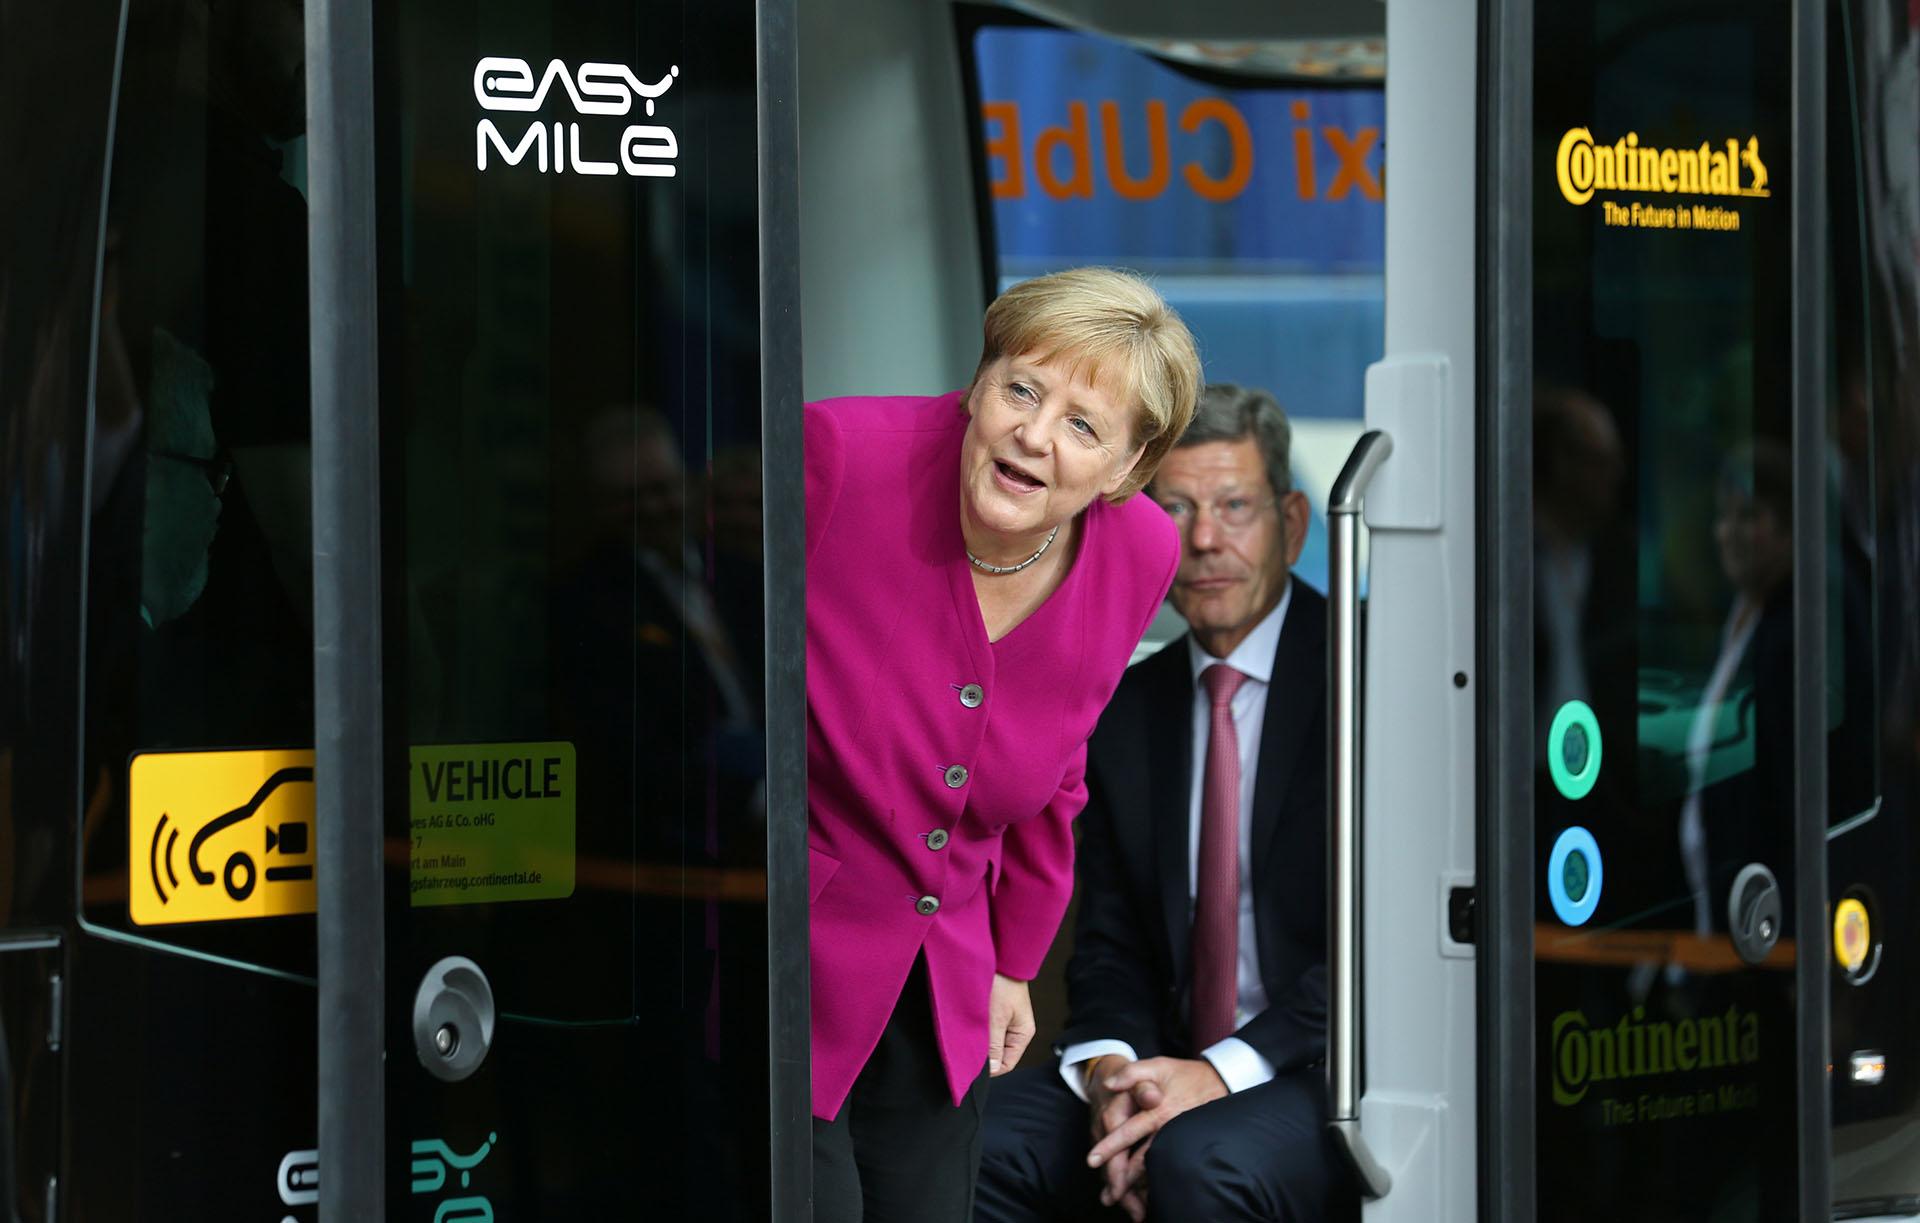 La canciller alemanaAngela Merkely elPresidentede laAsociaciónAlemana de la Industria Auotomotriz(VDA), Bernhard Mattes, dentro de un Continental CUbEen el SalónInternacionaldel Automóvil (IAA) en Frankfurt,Alemania, el 12 de septiembre de 2019